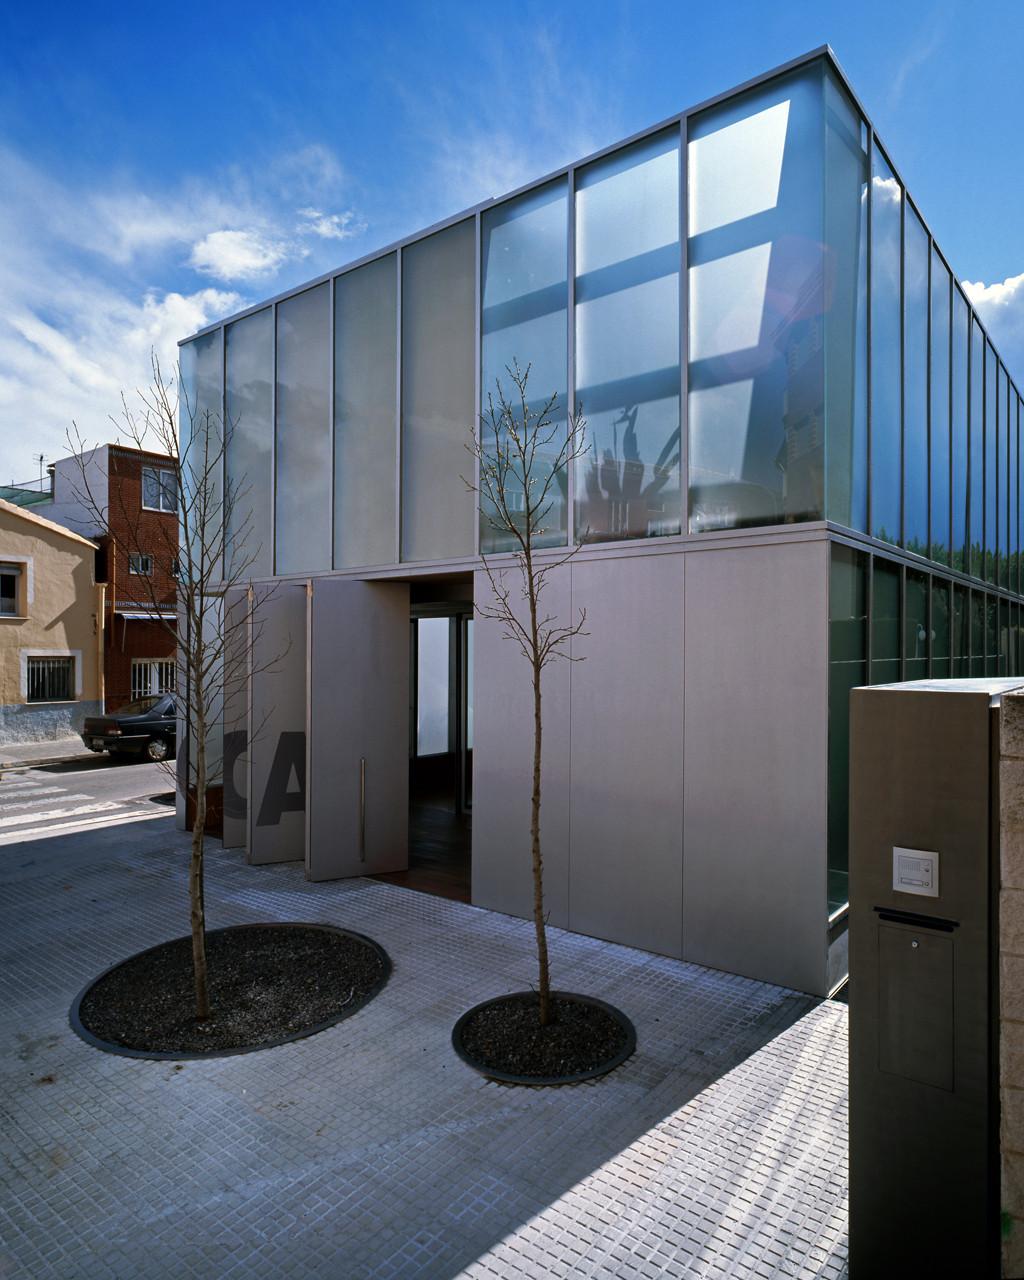 Sede del colegio de arquitectos de la safor orts - Colegio de arquitectos cadiz ...